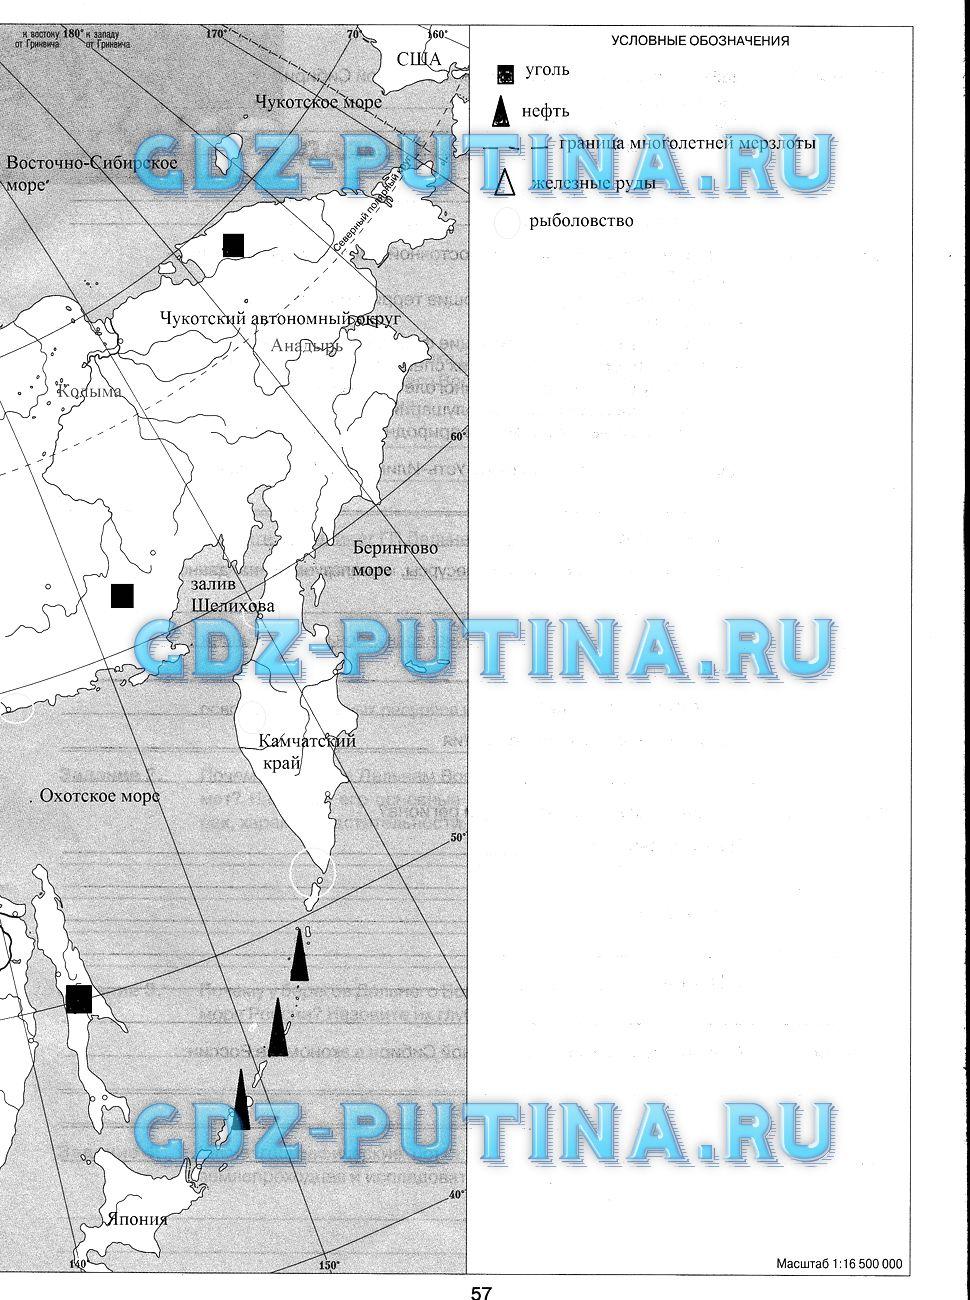 Гдз по география 9 класс суслов